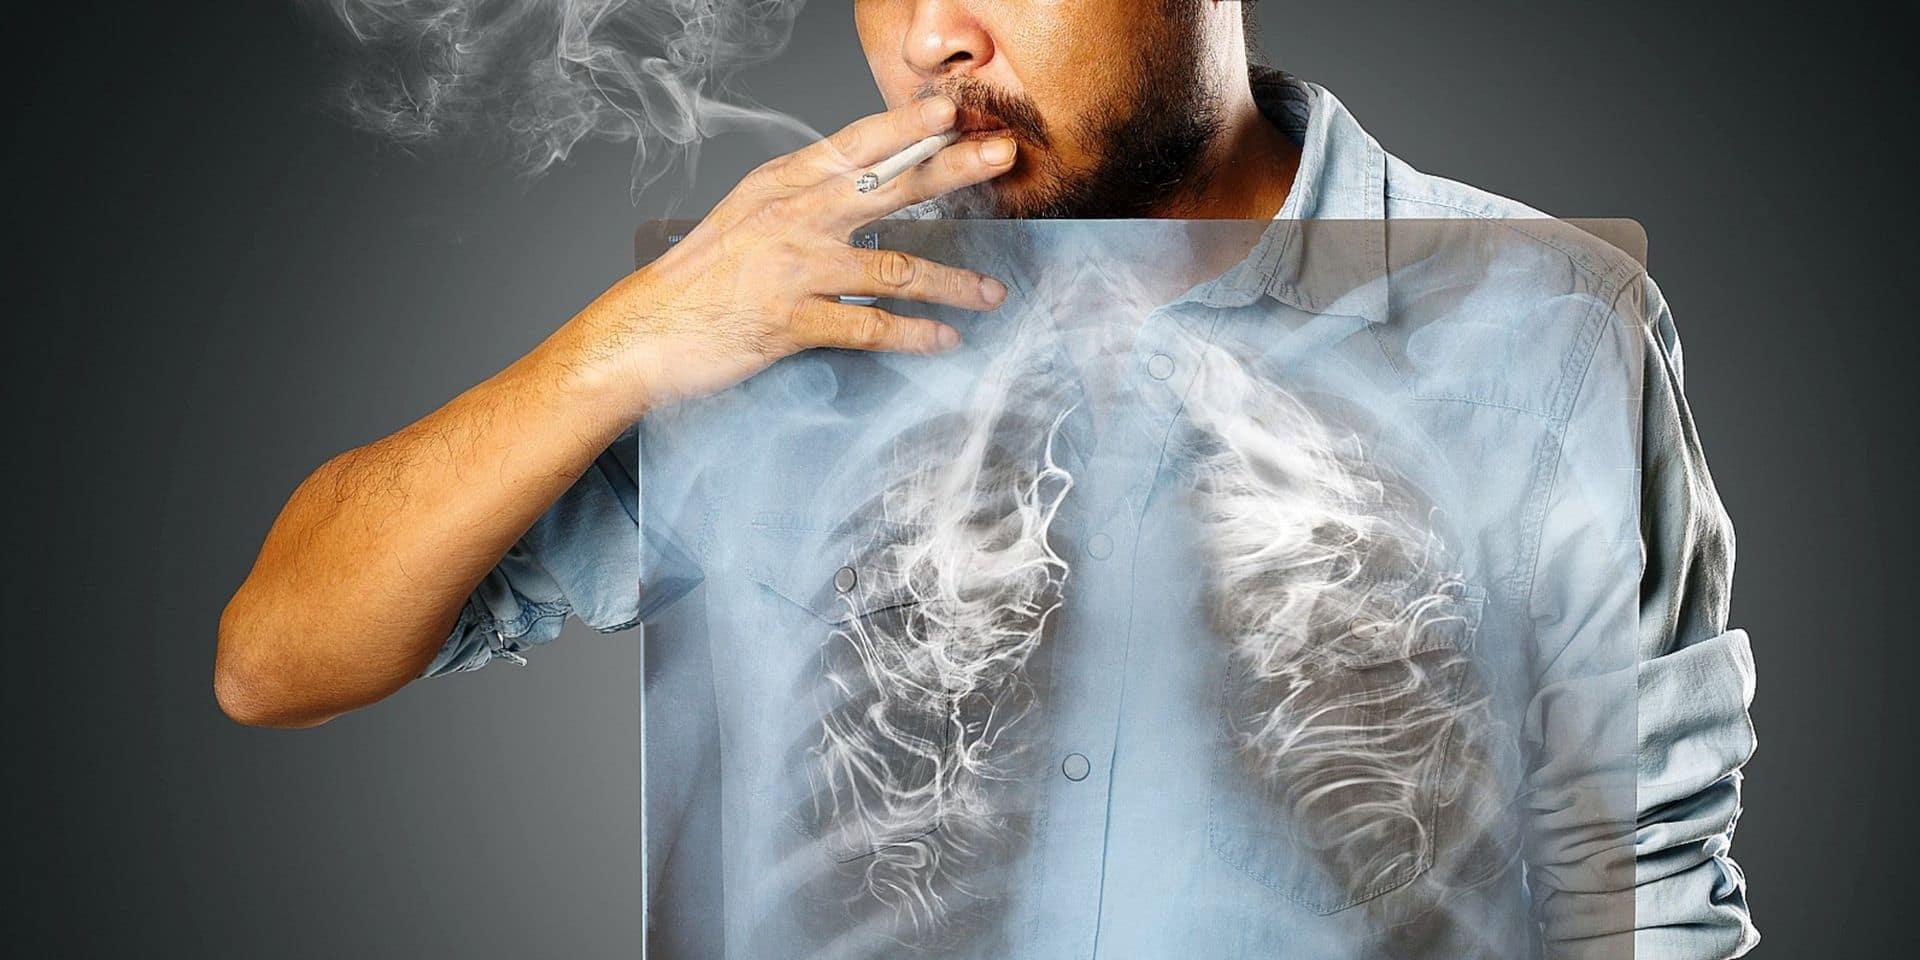 Vous pensez que fumer quelques cigarettes par jour, c'est moins grave? Vous avez tort